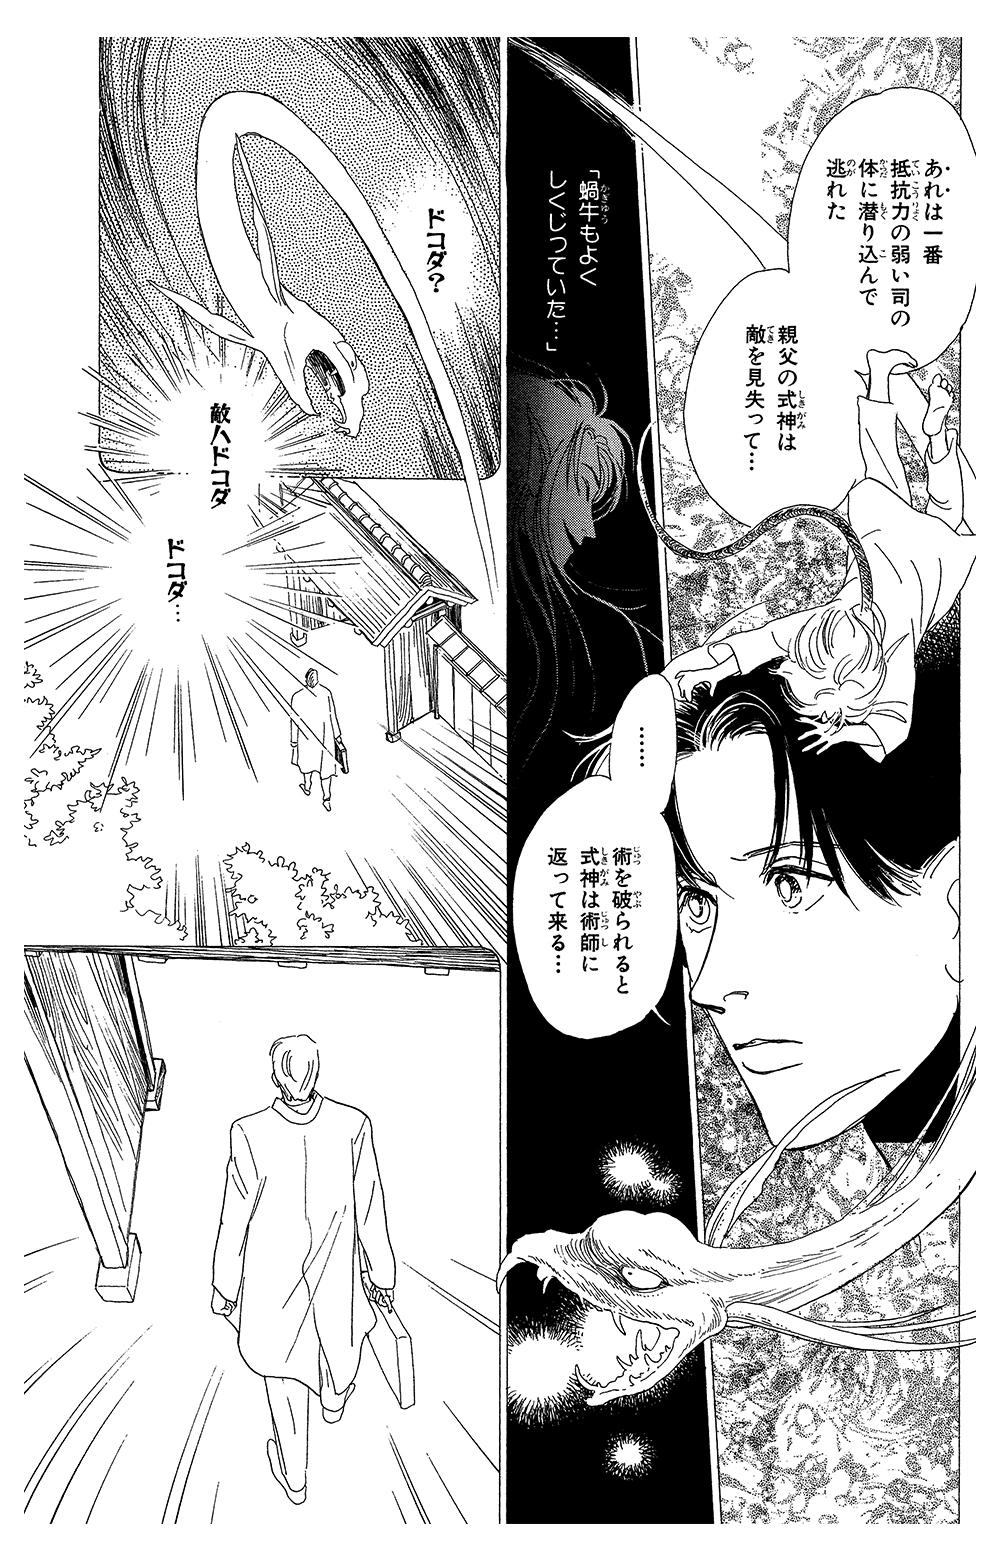 百鬼夜行抄 第1話「闇からの呼び声」⑤hyakki1-5-2.jpg